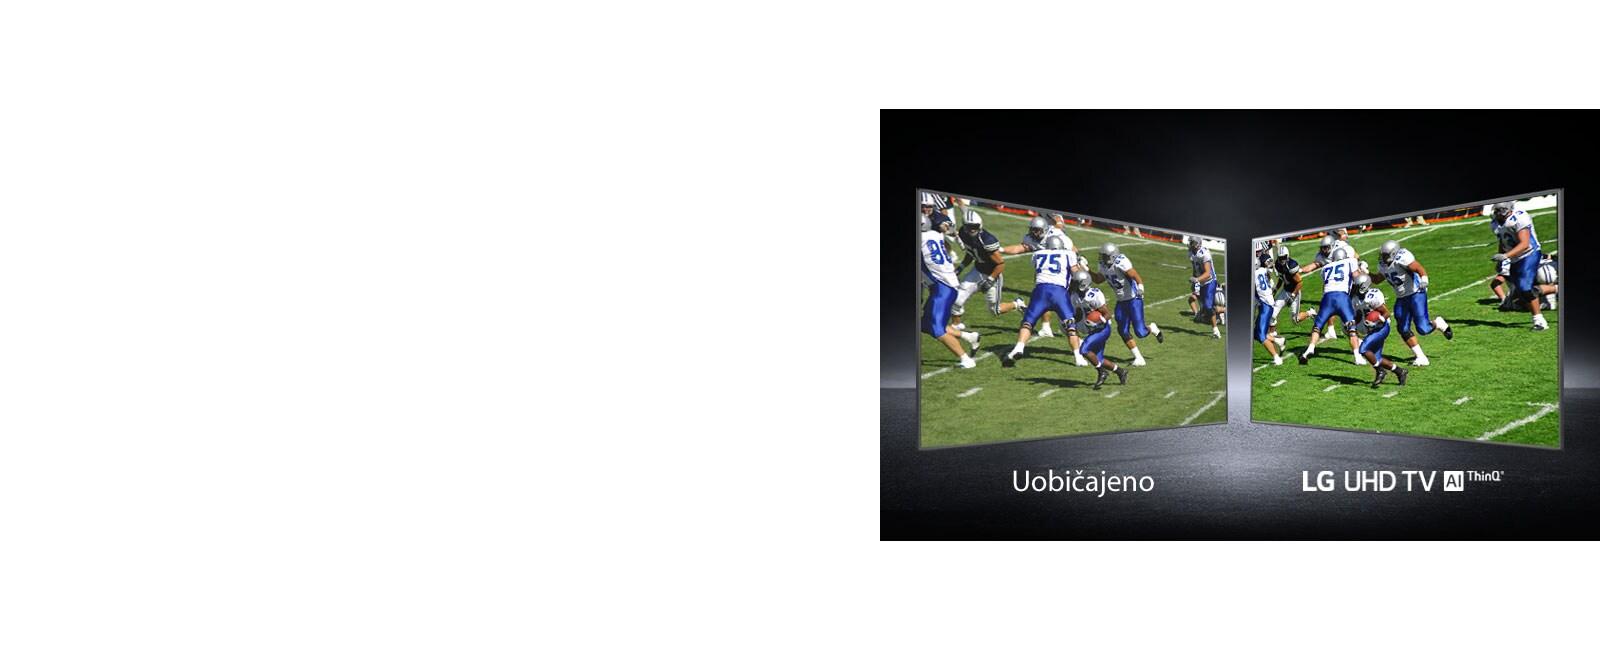 Slika igralca na nogometnem igrišču, prikazana iz različnih zornih kotov. Ena je prikazana na običajnem zaslonu, druga pa na televizorju UHD kakovosti.